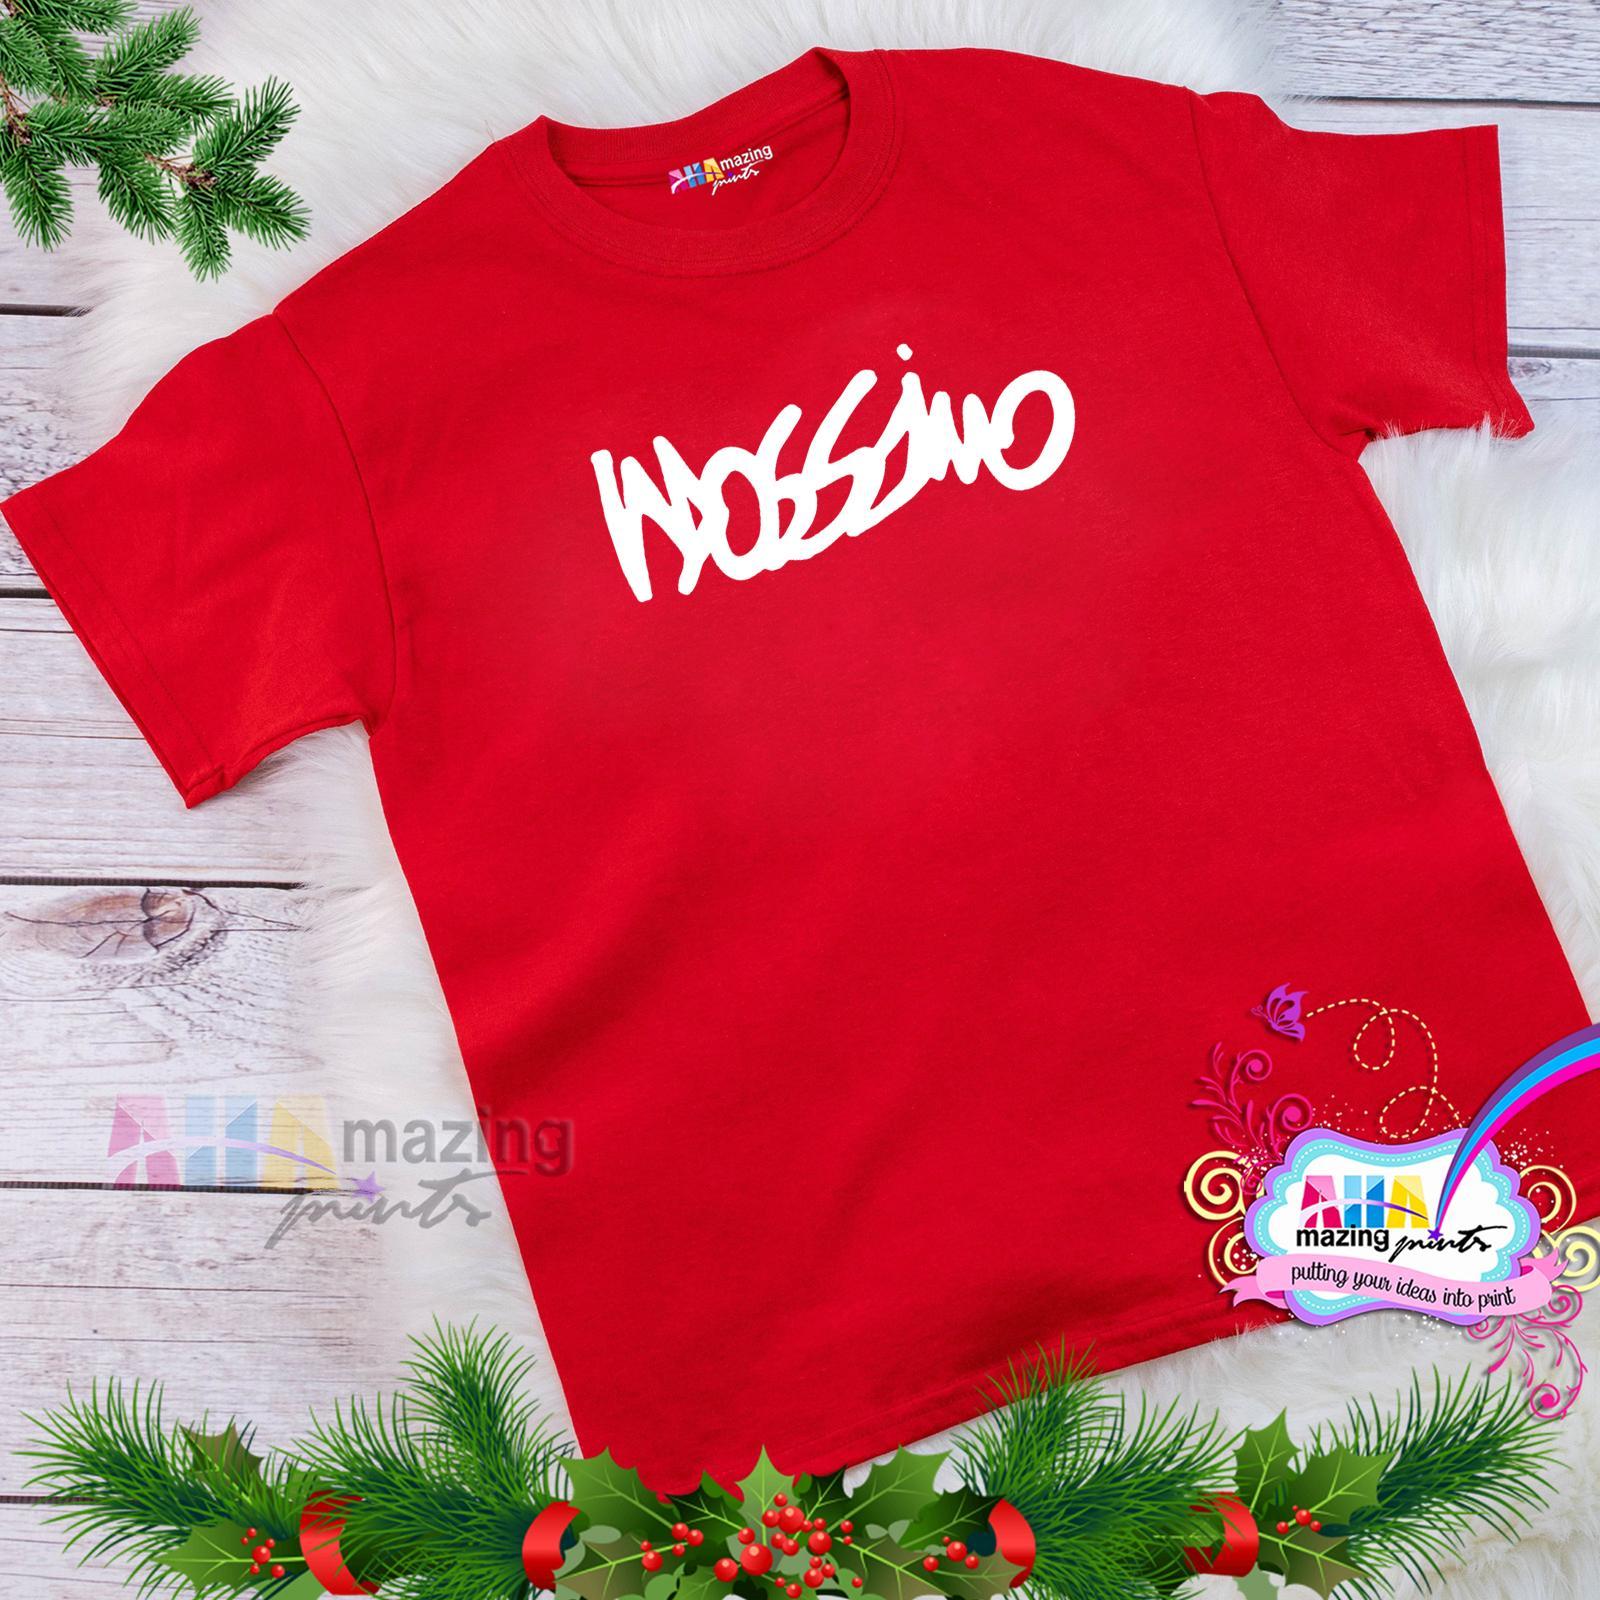 1ae306176 KIDS SHIRT ❤ MOSSIMO EU EDITION SHIRT ❤ AHAmazing Prints Kids Fashion Top  Boys Little Boys